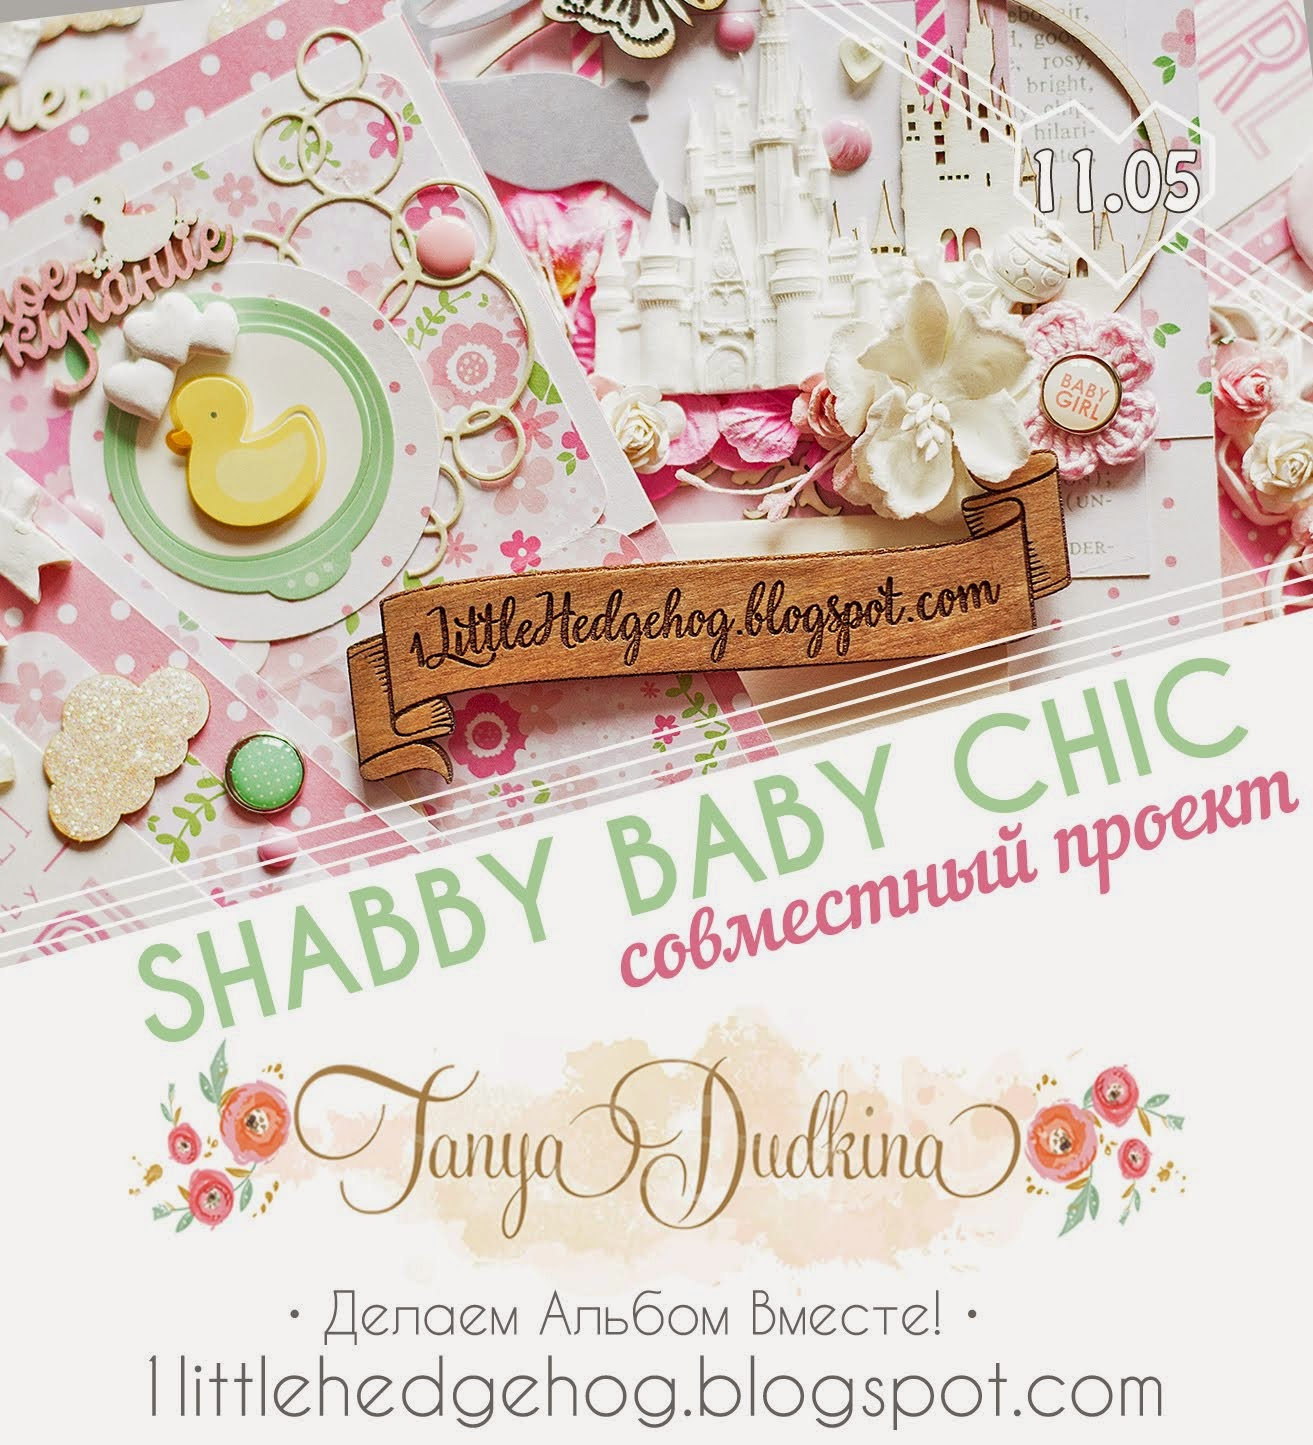 """СП Альбом """"Shabby Baby Chic"""" с Татьяной Дудкиной"""